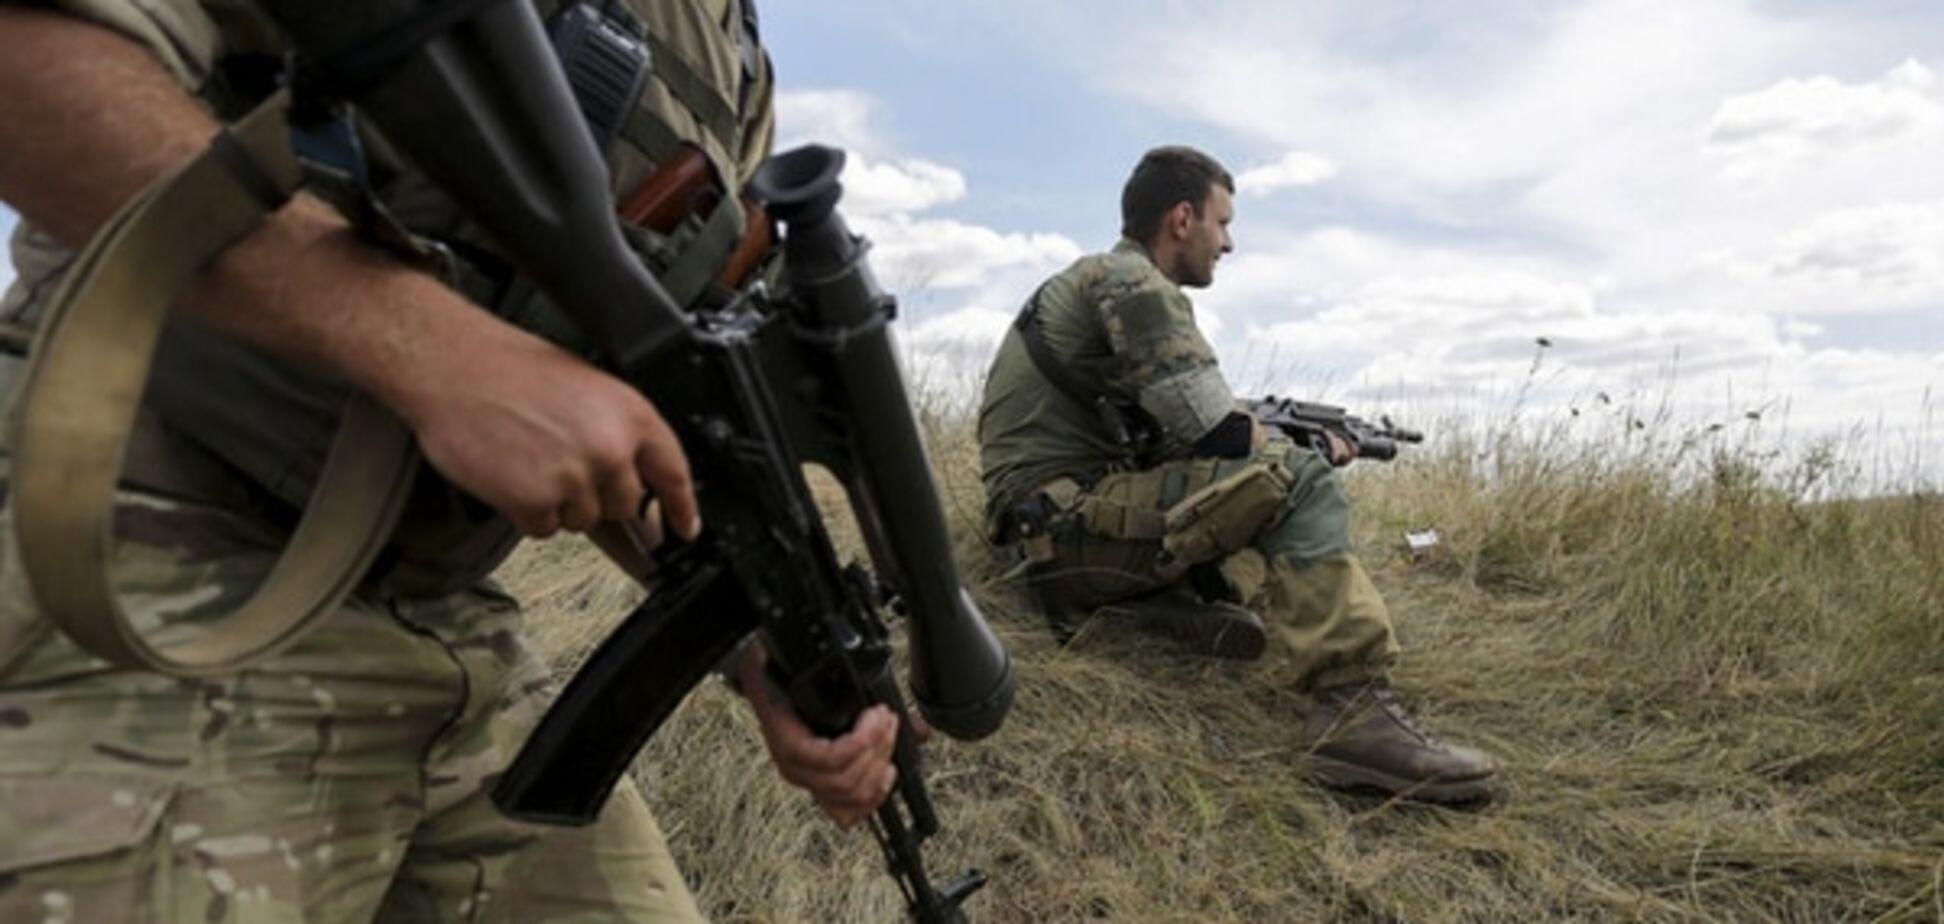 Бійці АТО потрапили під обстріли терористів у районі донецького аеропорту